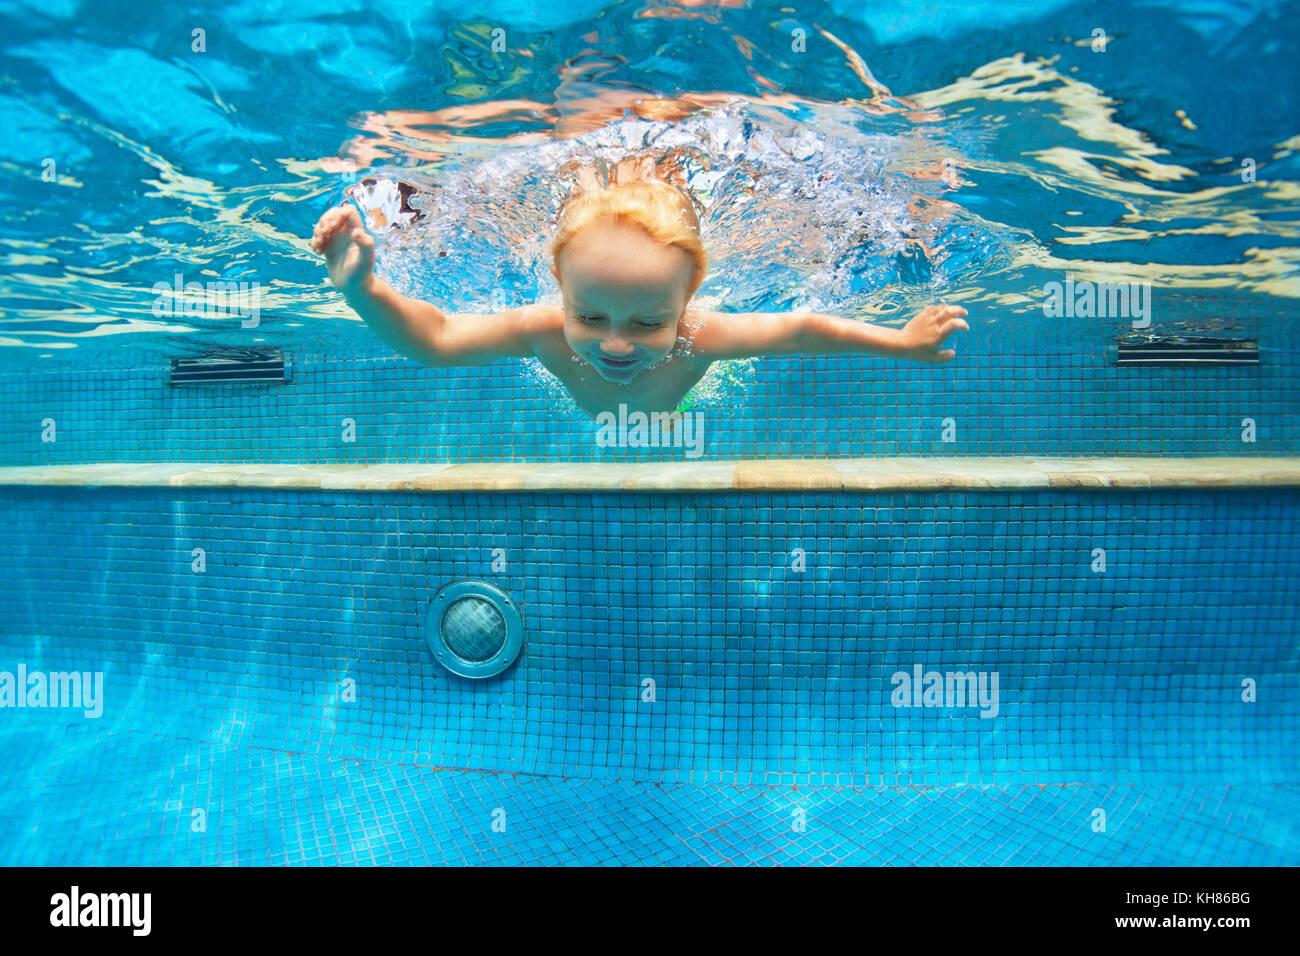 Funny enfant à apprendre la natation, plongée en piscine bleu avec plaisir - sauts bas profond sous l'eau Photo Stock